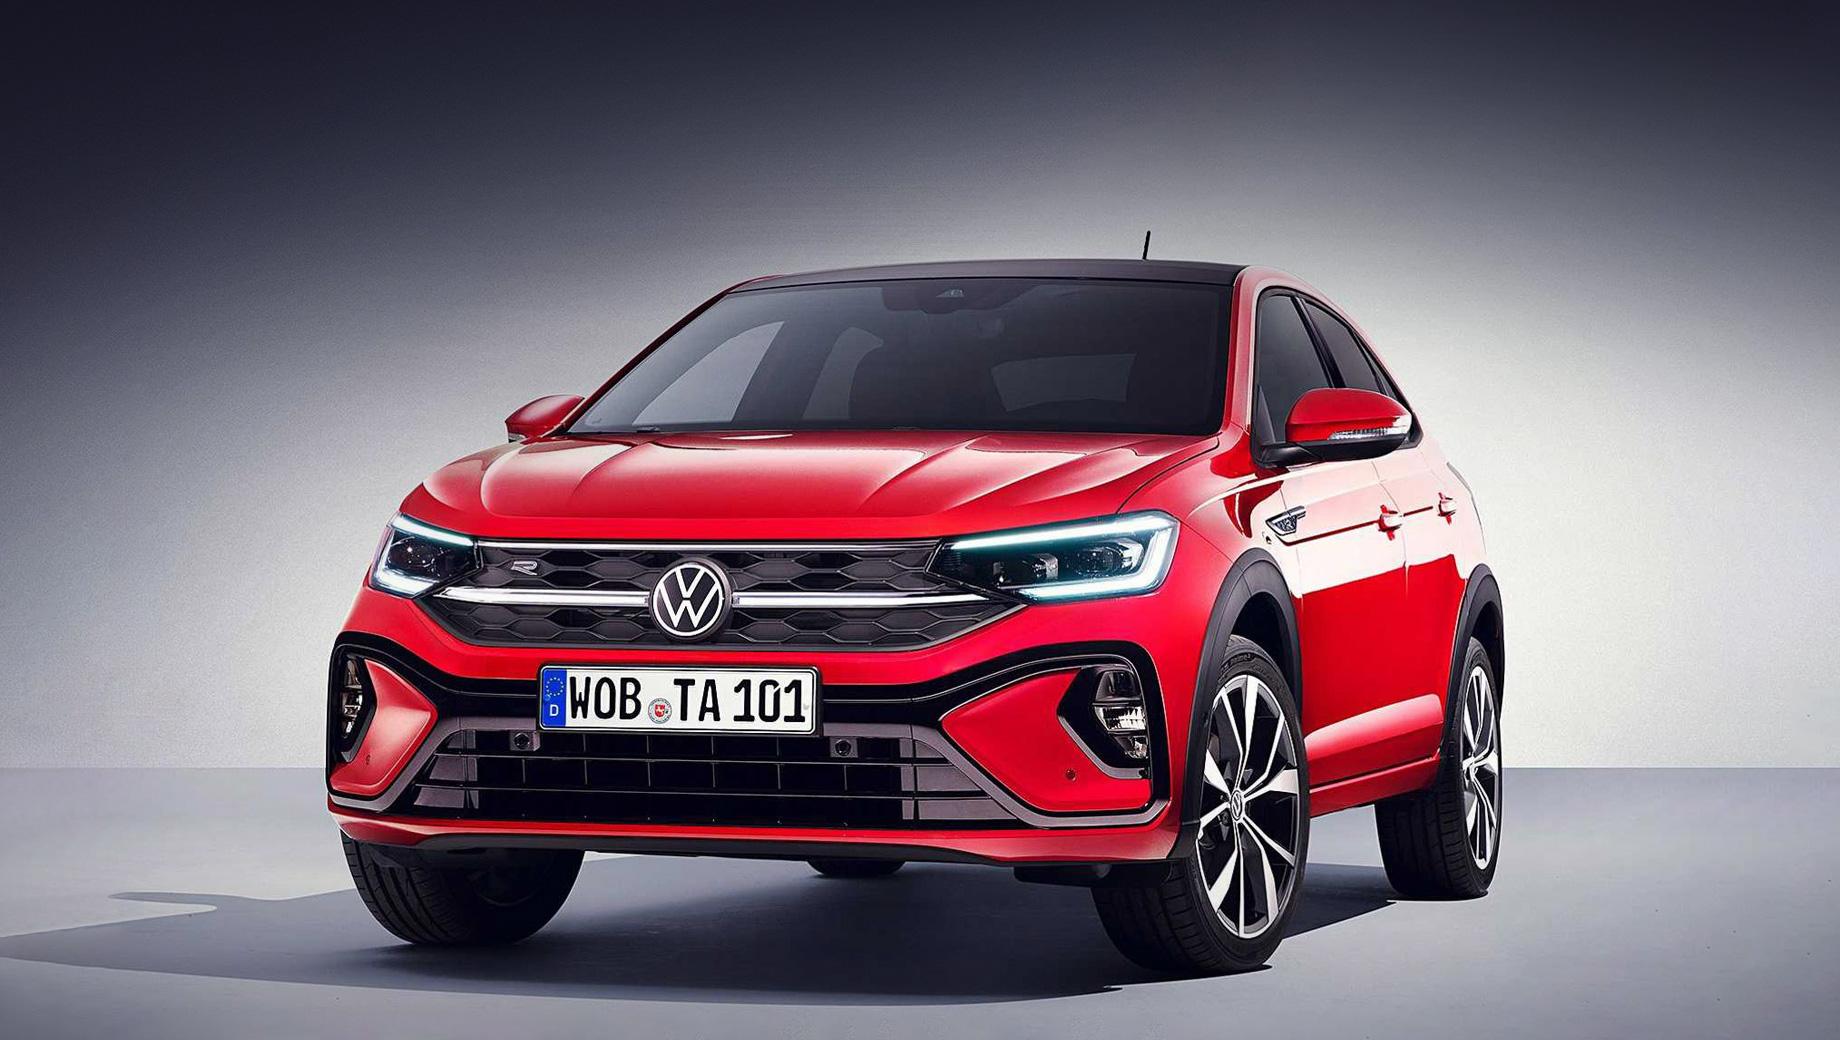 Volkswagen taigo. Платформа MQB-A0 роднит Taigo с моделями Polo, T-Cross, T-Roc. Размеры точно такие же, как у бразильского паркетника Nivus: 4266×1757×1493 мм, колёсная база — 2566. На всех фото показан Taigo с опциональным пакетом R-Line.